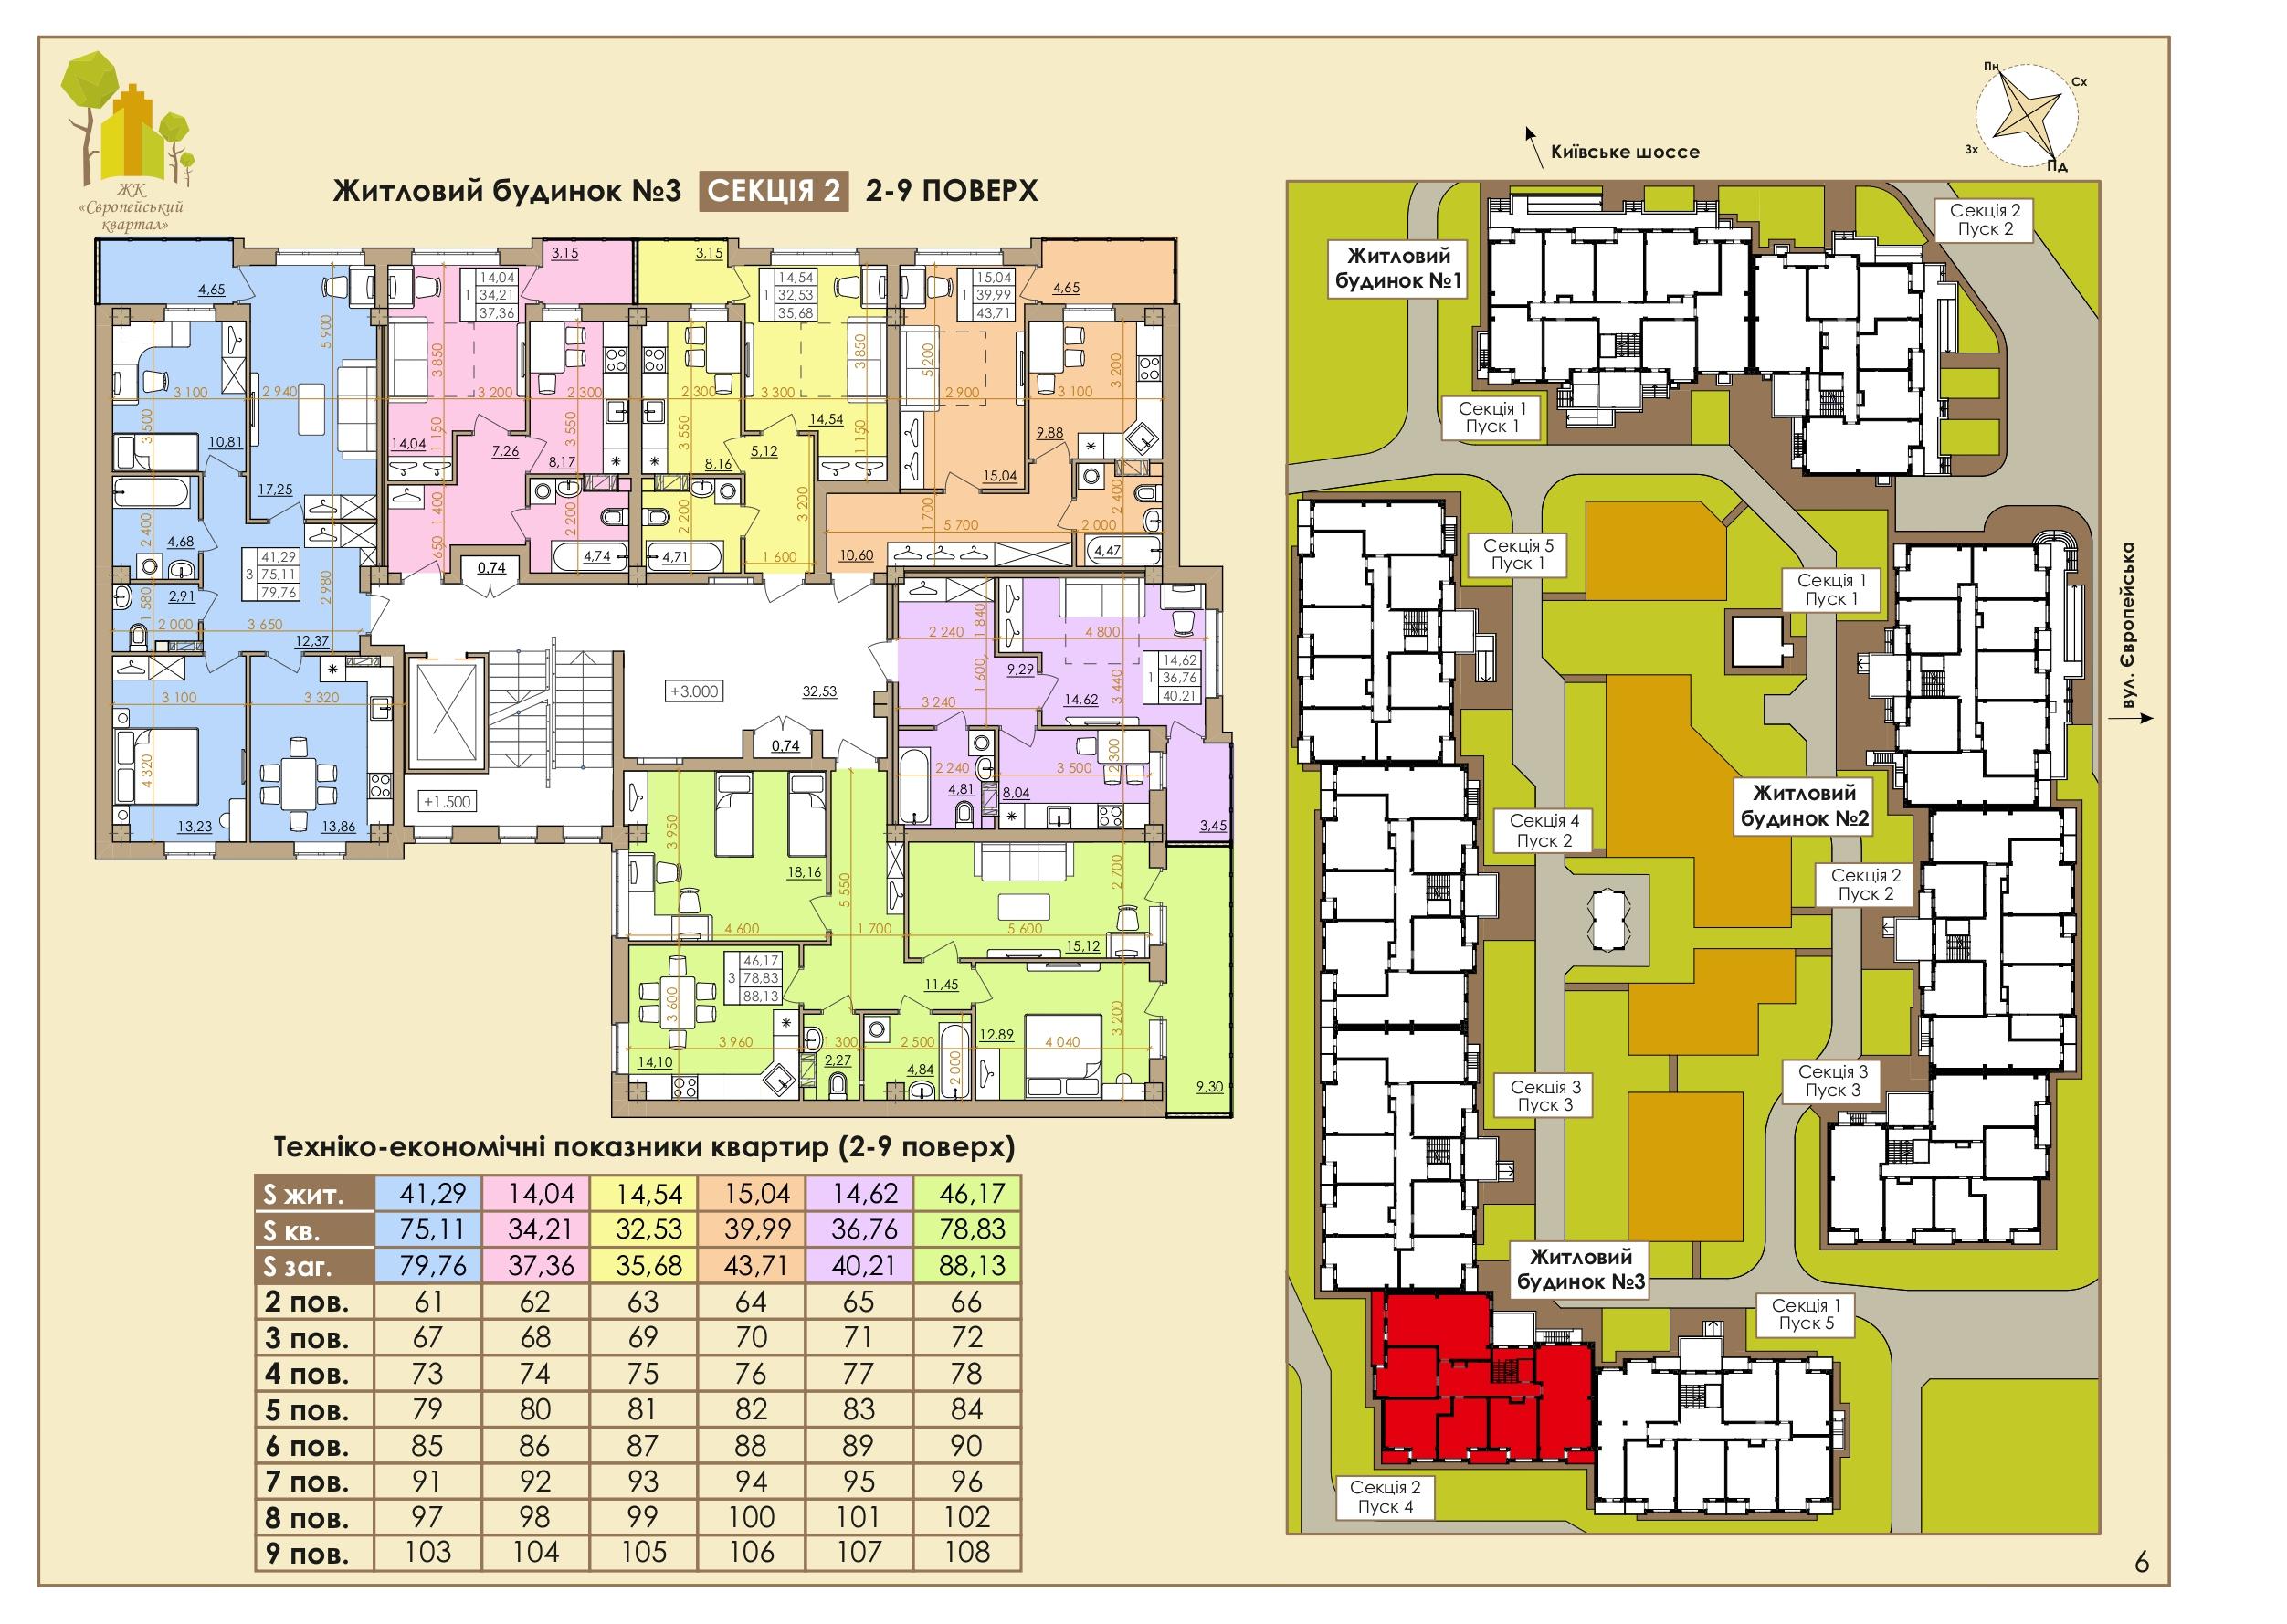 Европейская 146Е (3 Дом) 2 Подъезд 2-9 Этаж